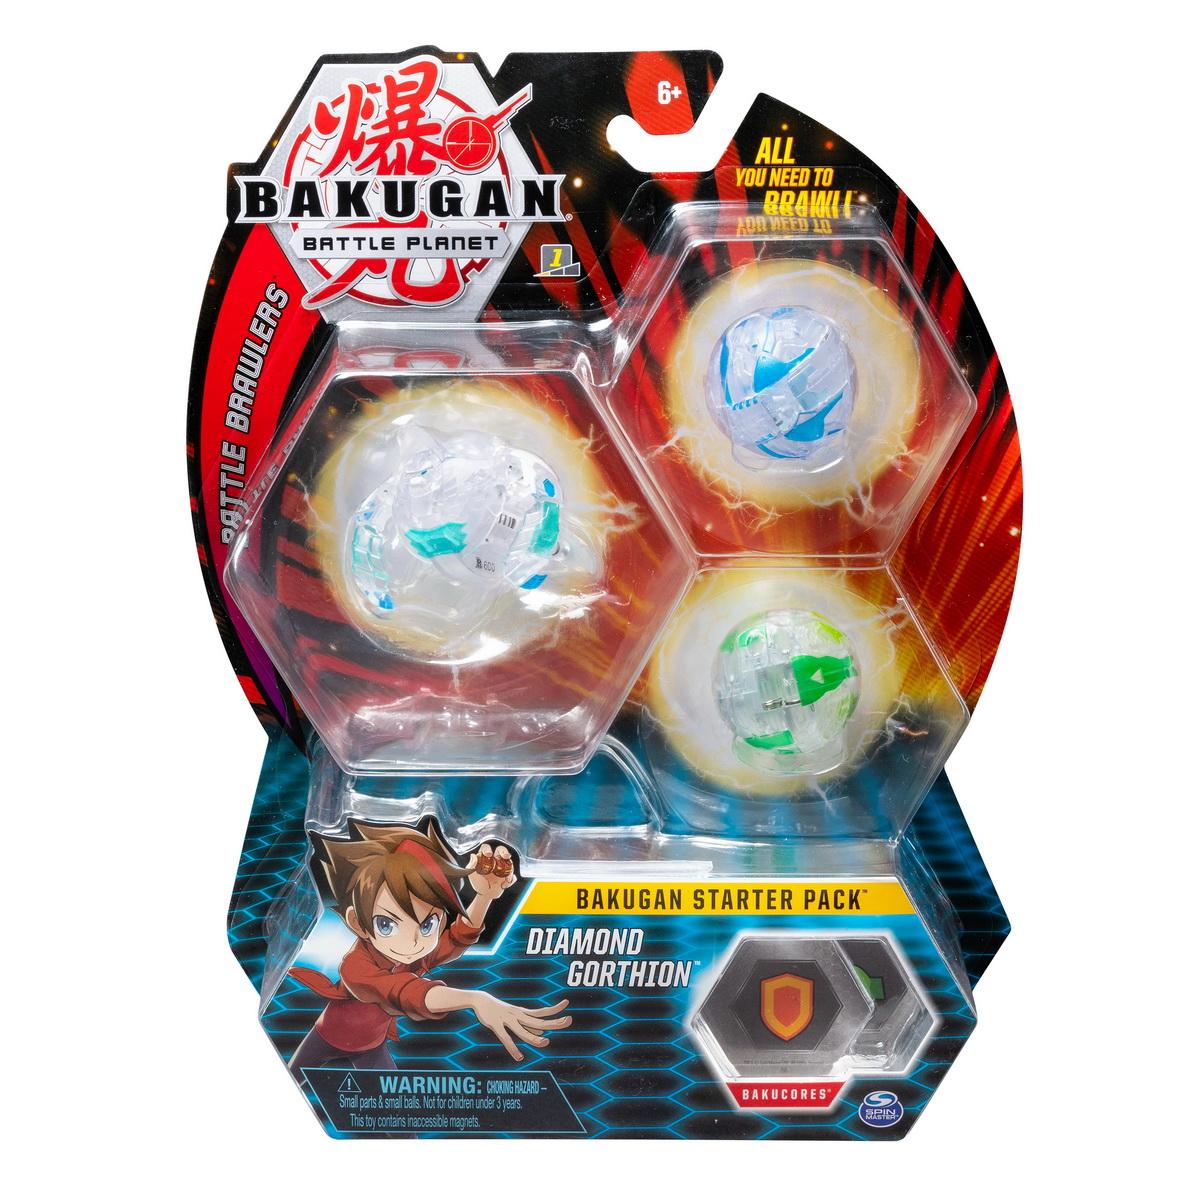 Bakugan Pachet Start Diamond Gorthion